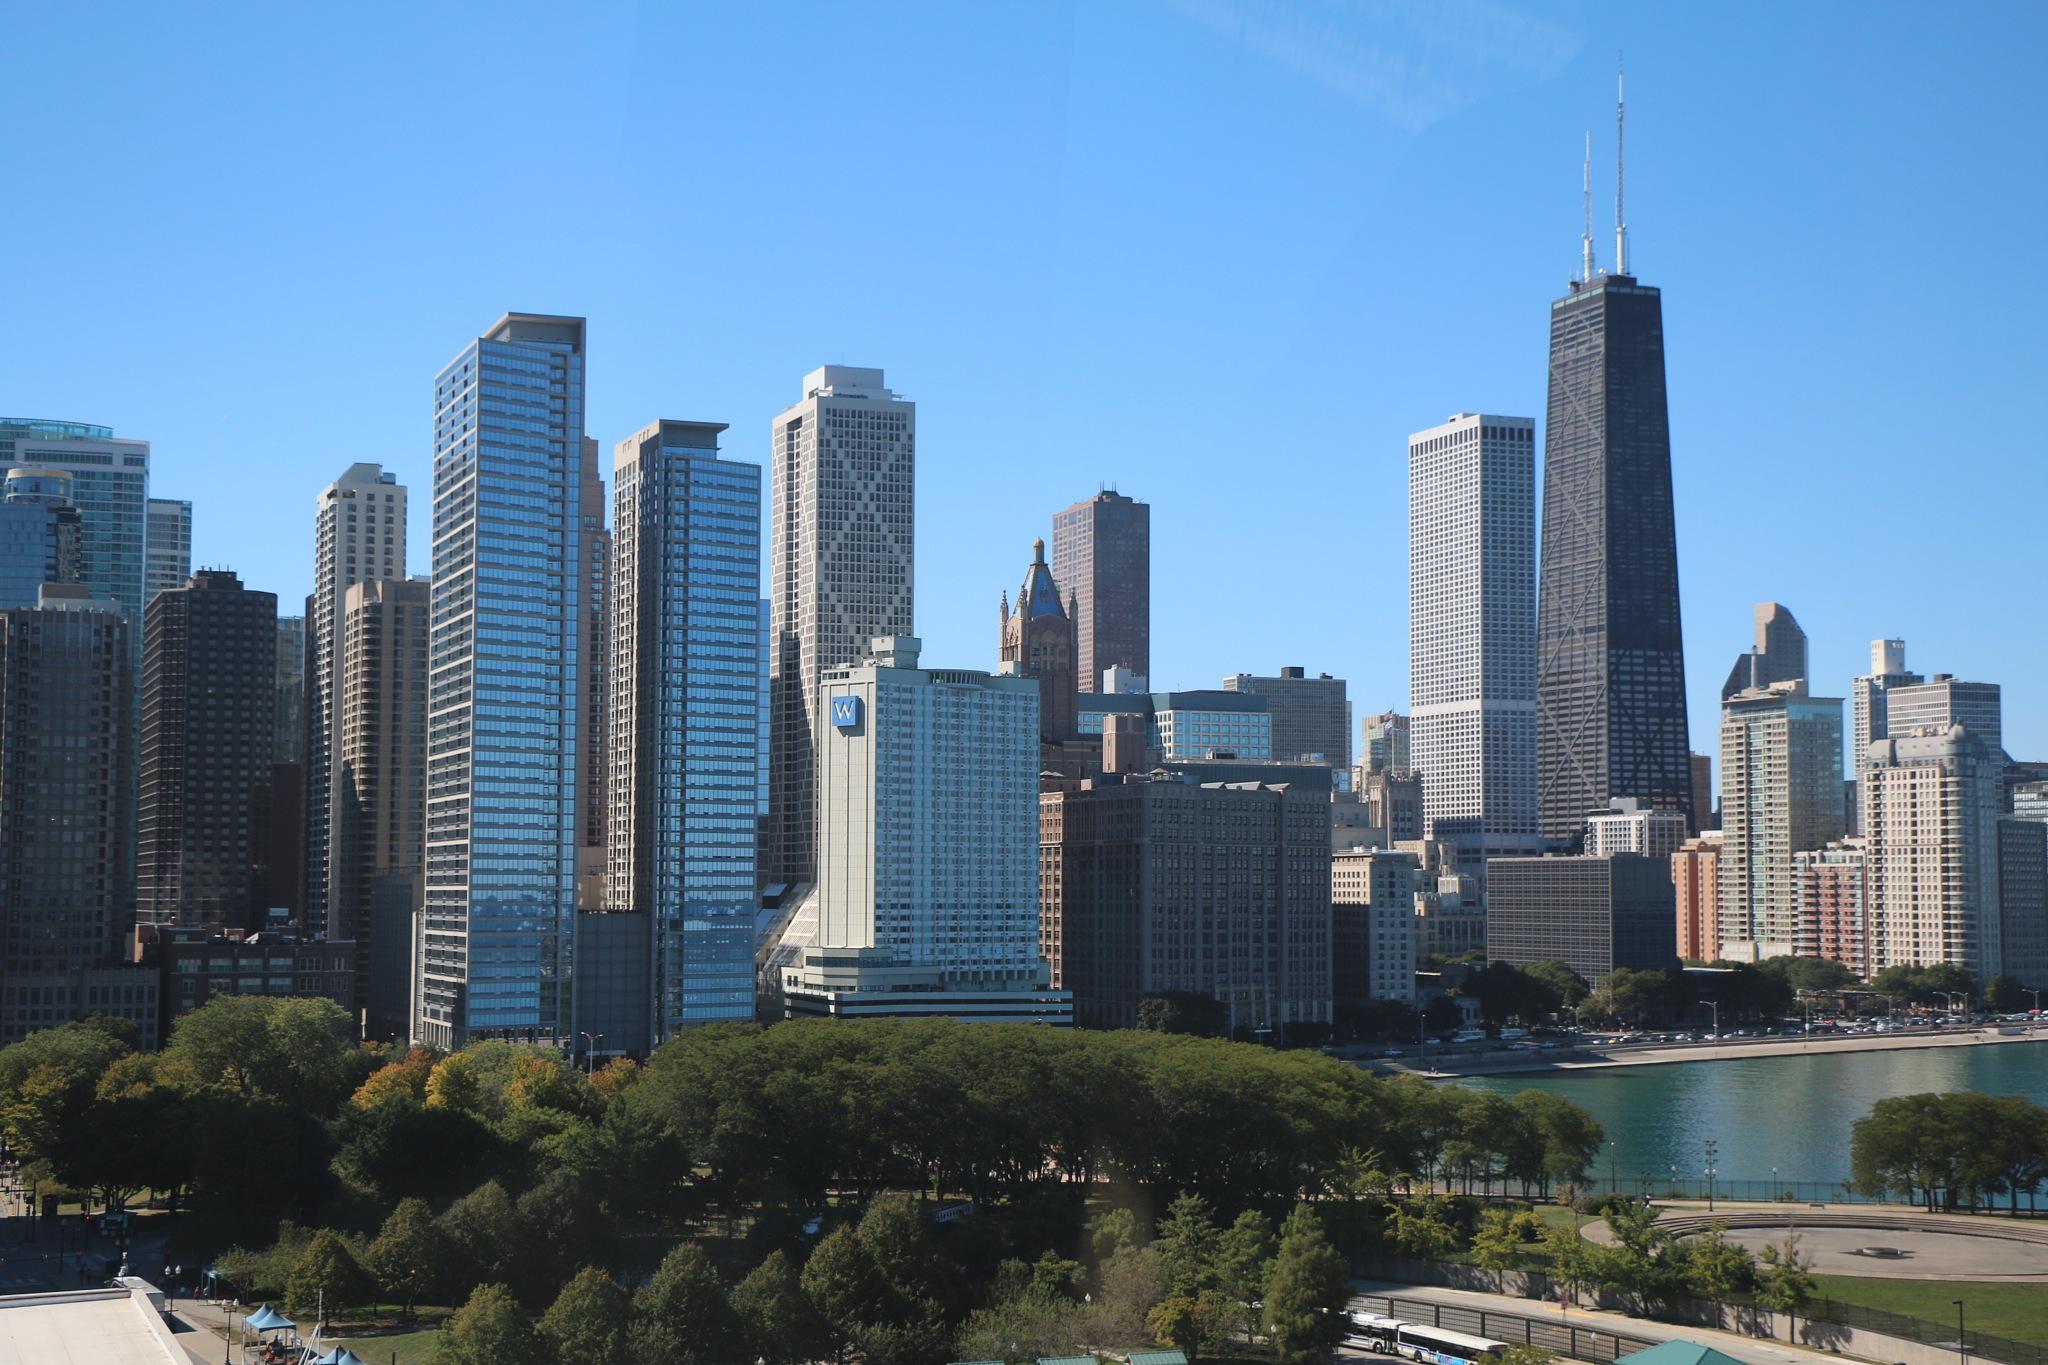 chicago by Jon Radtke